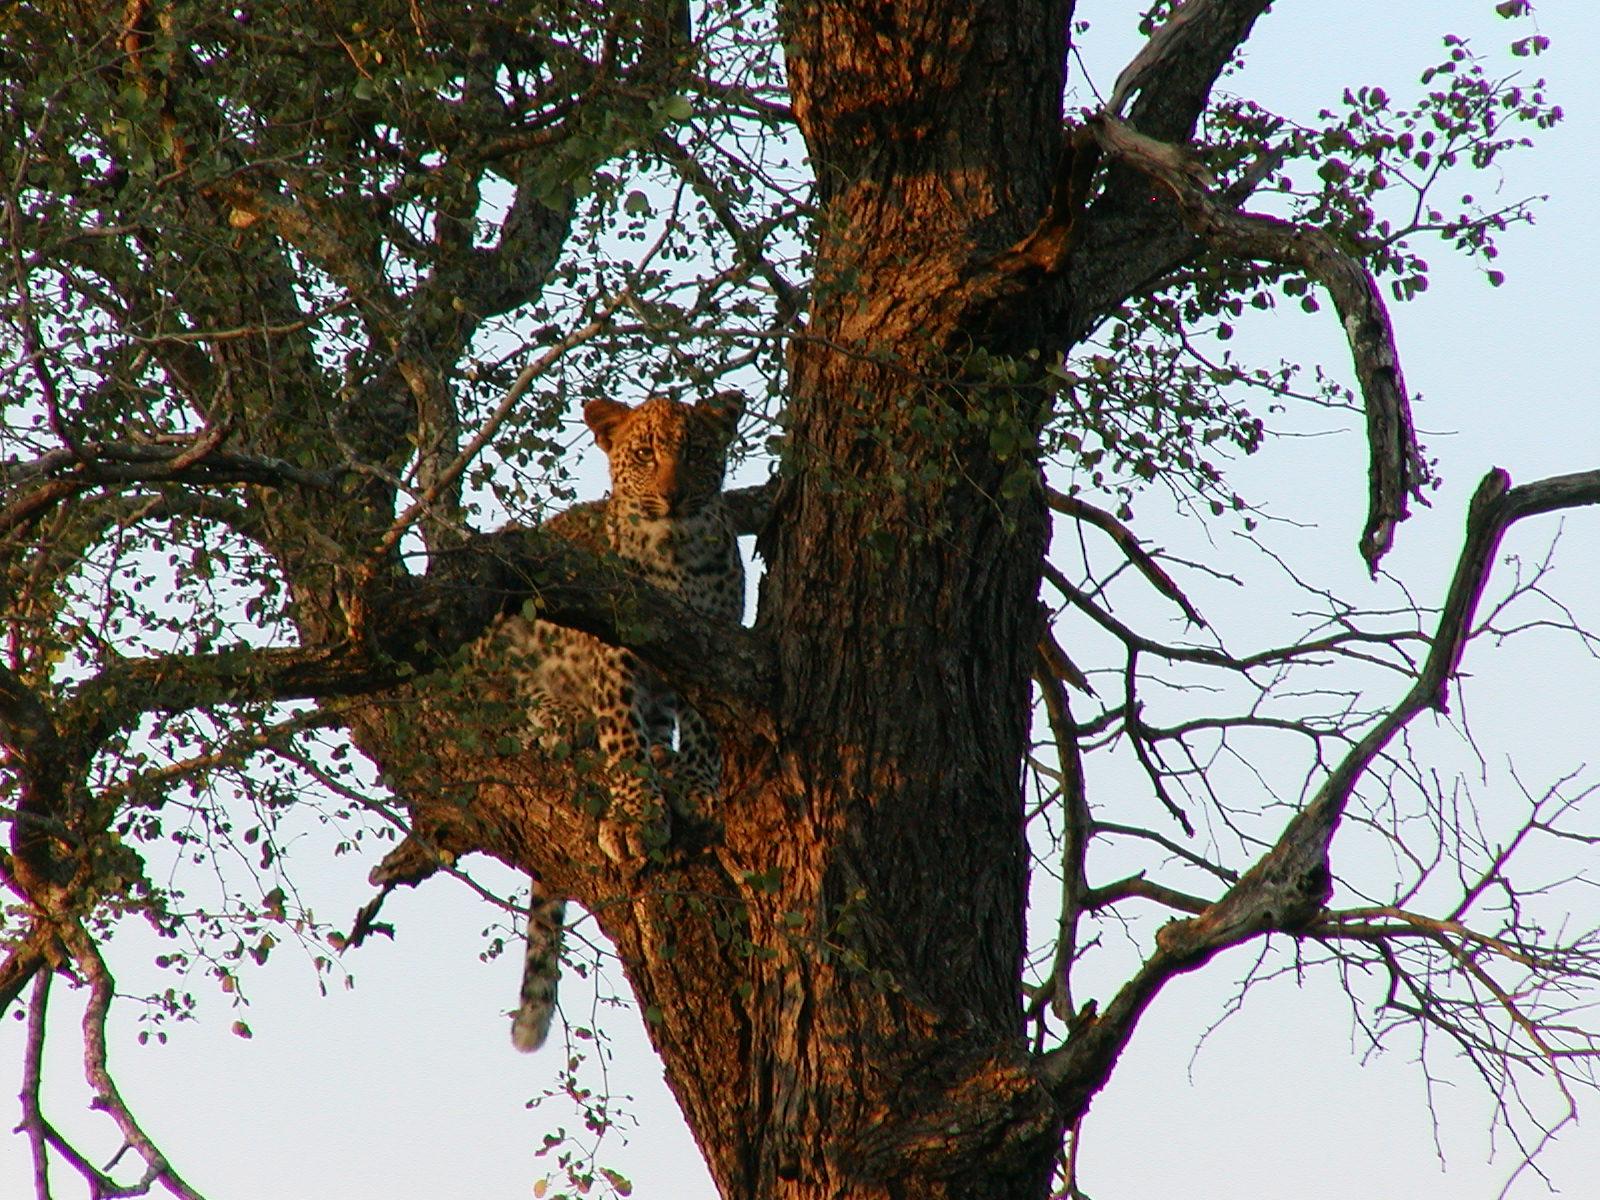 Leopard in the Kruger